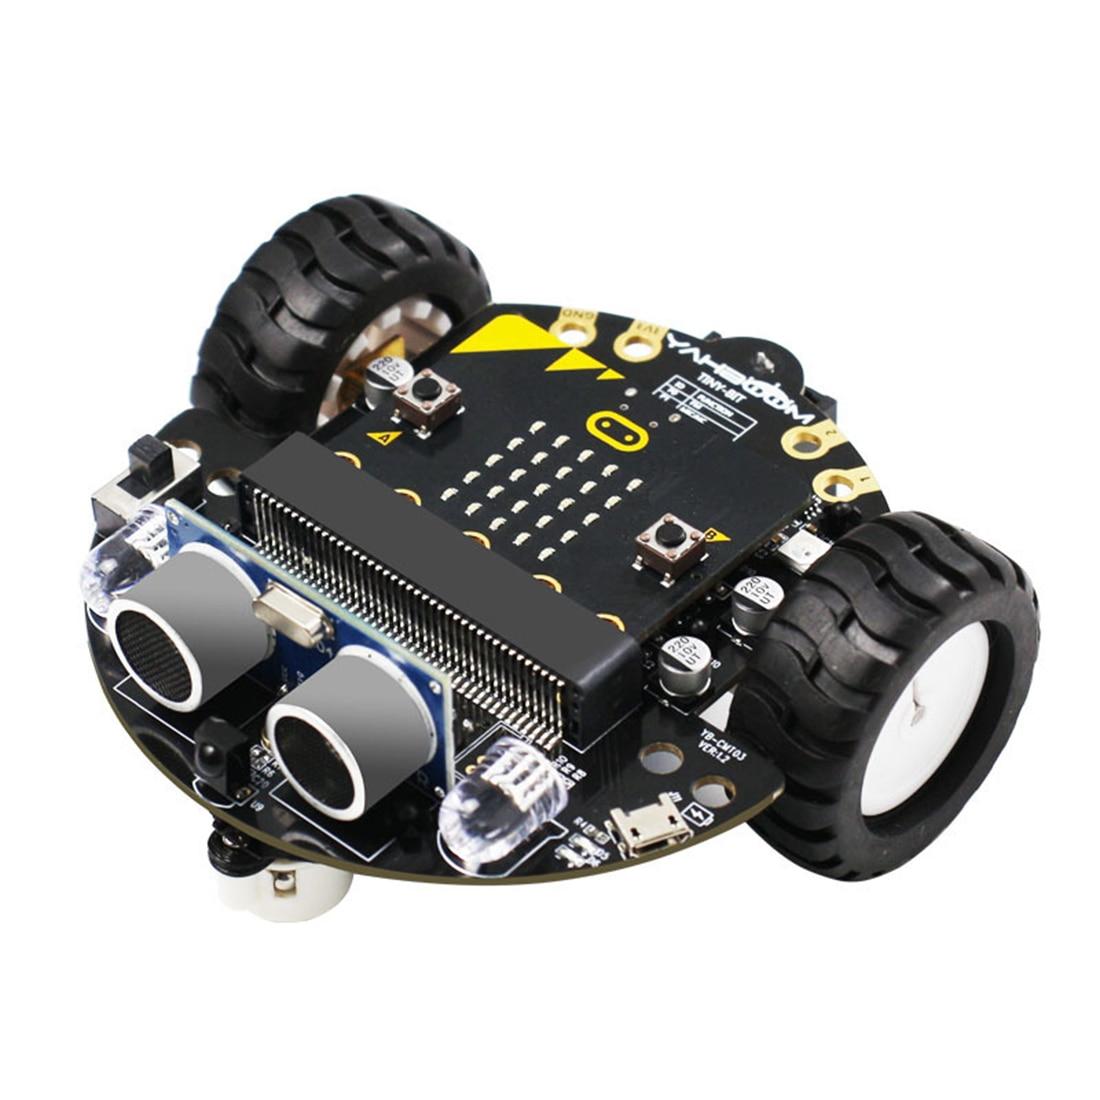 Diy evitar obstáculos inteligente programável robô carro